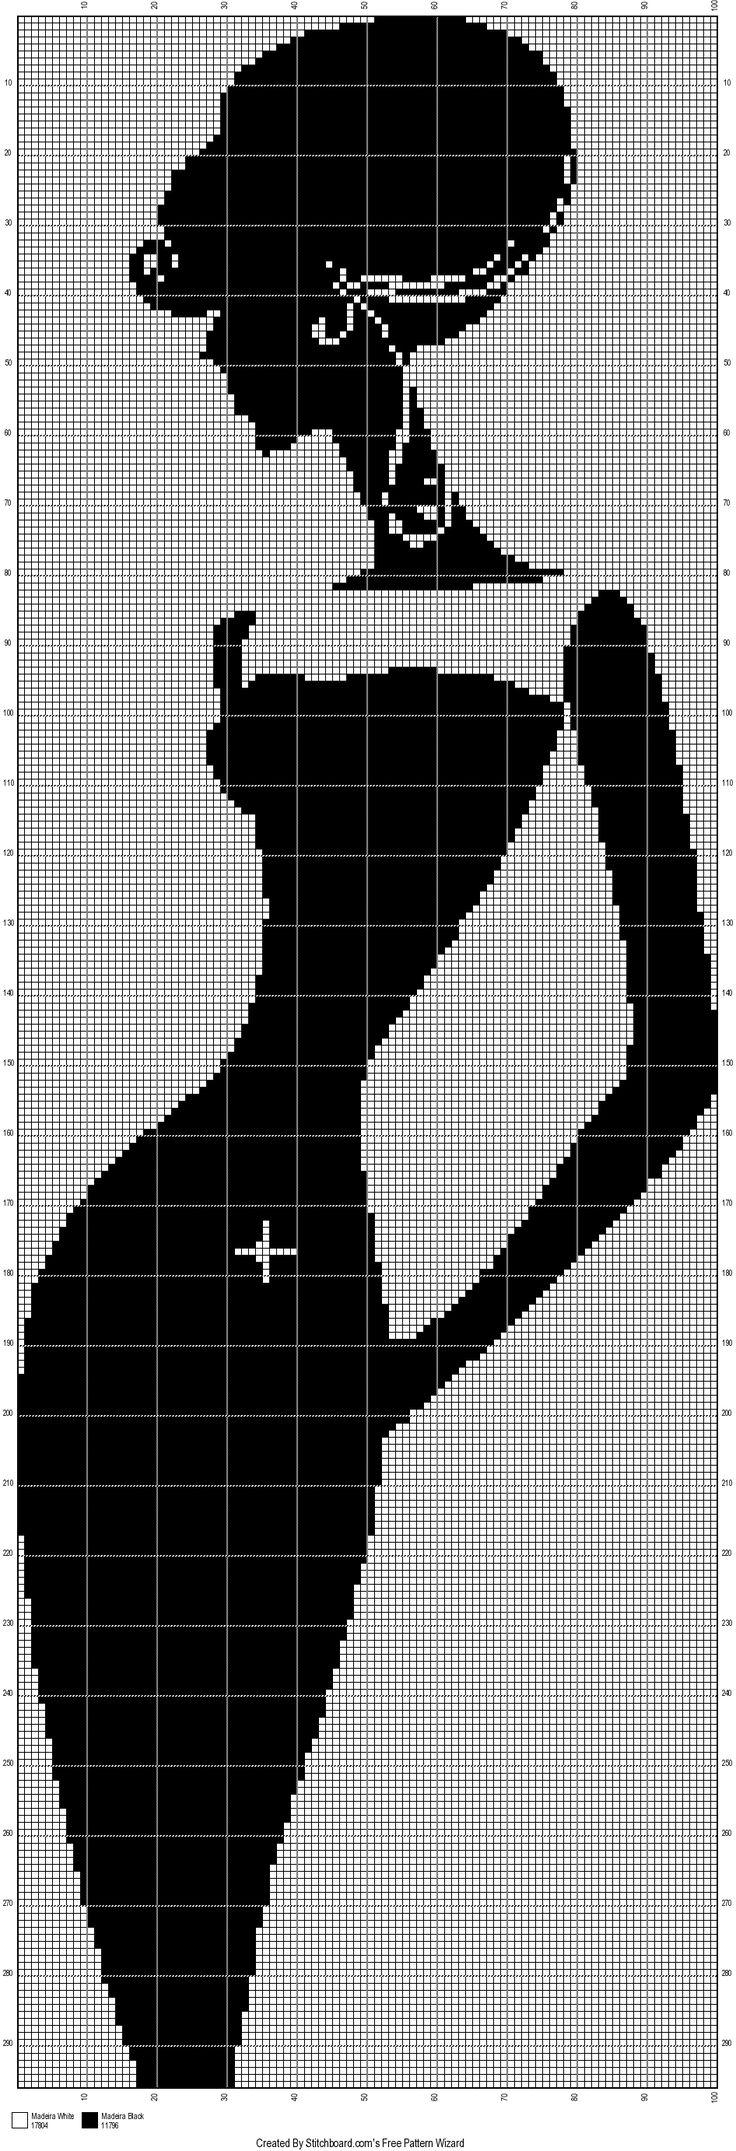 0 point de croix monochrome femme en robe - cross stitch lady in black dress